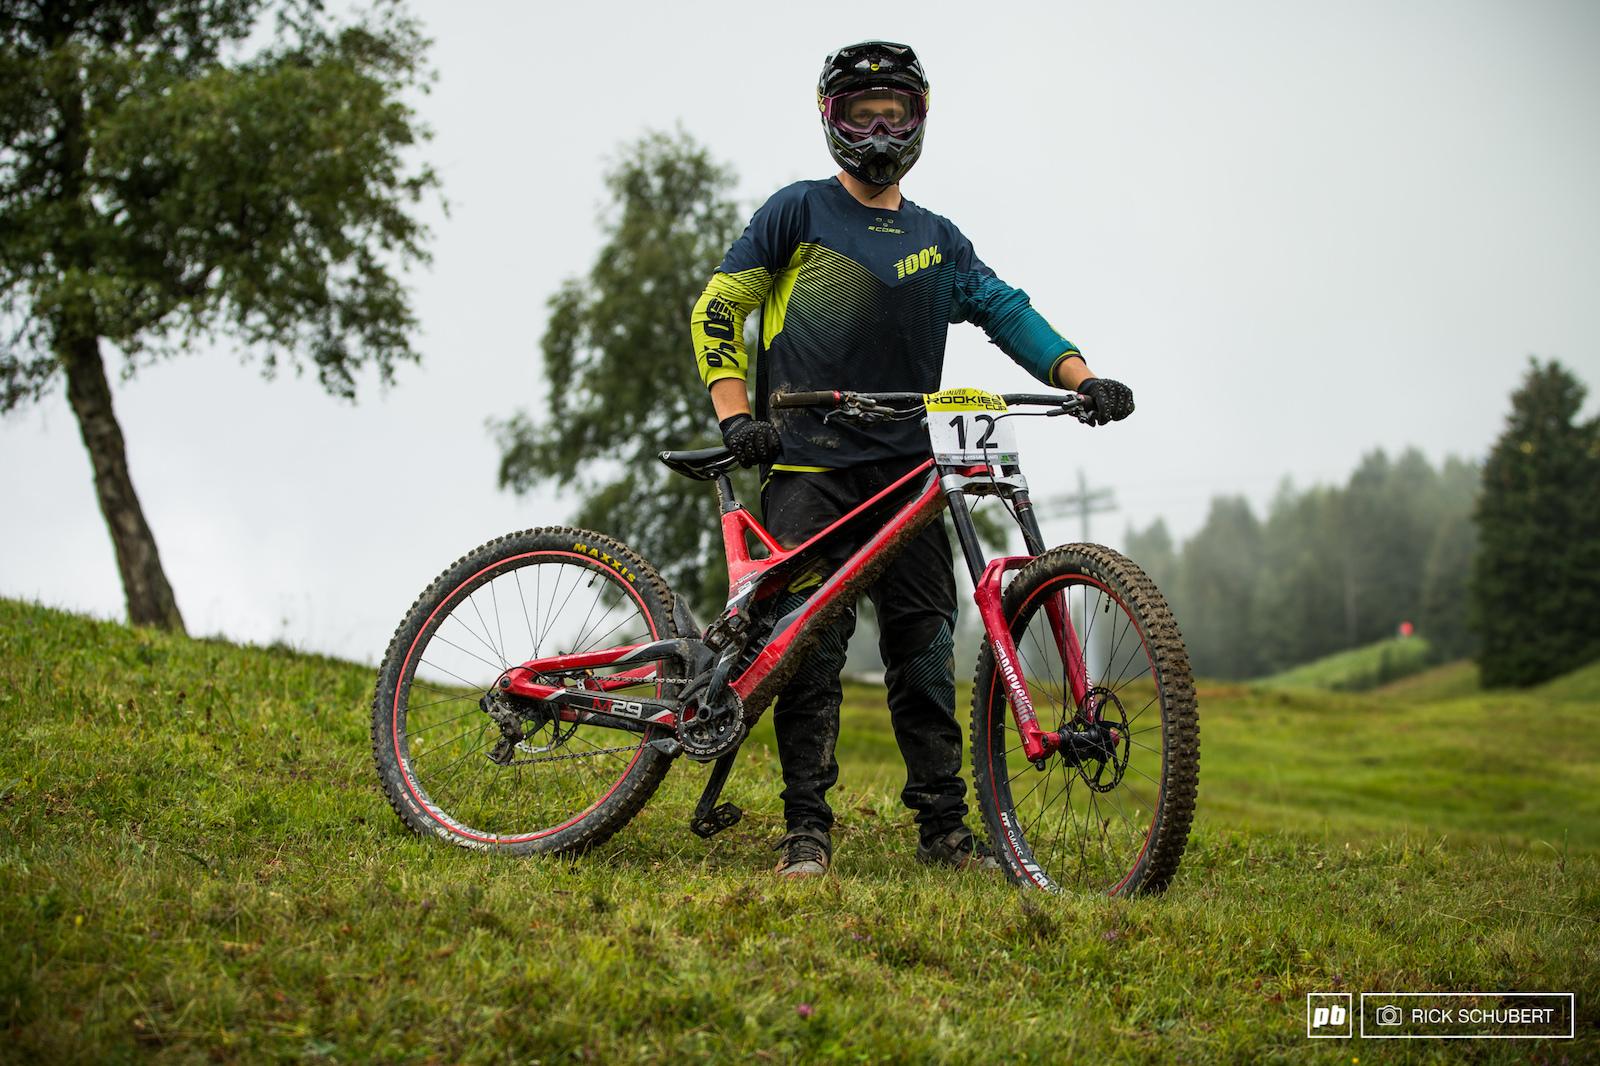 Valentin Wimmer from Austria